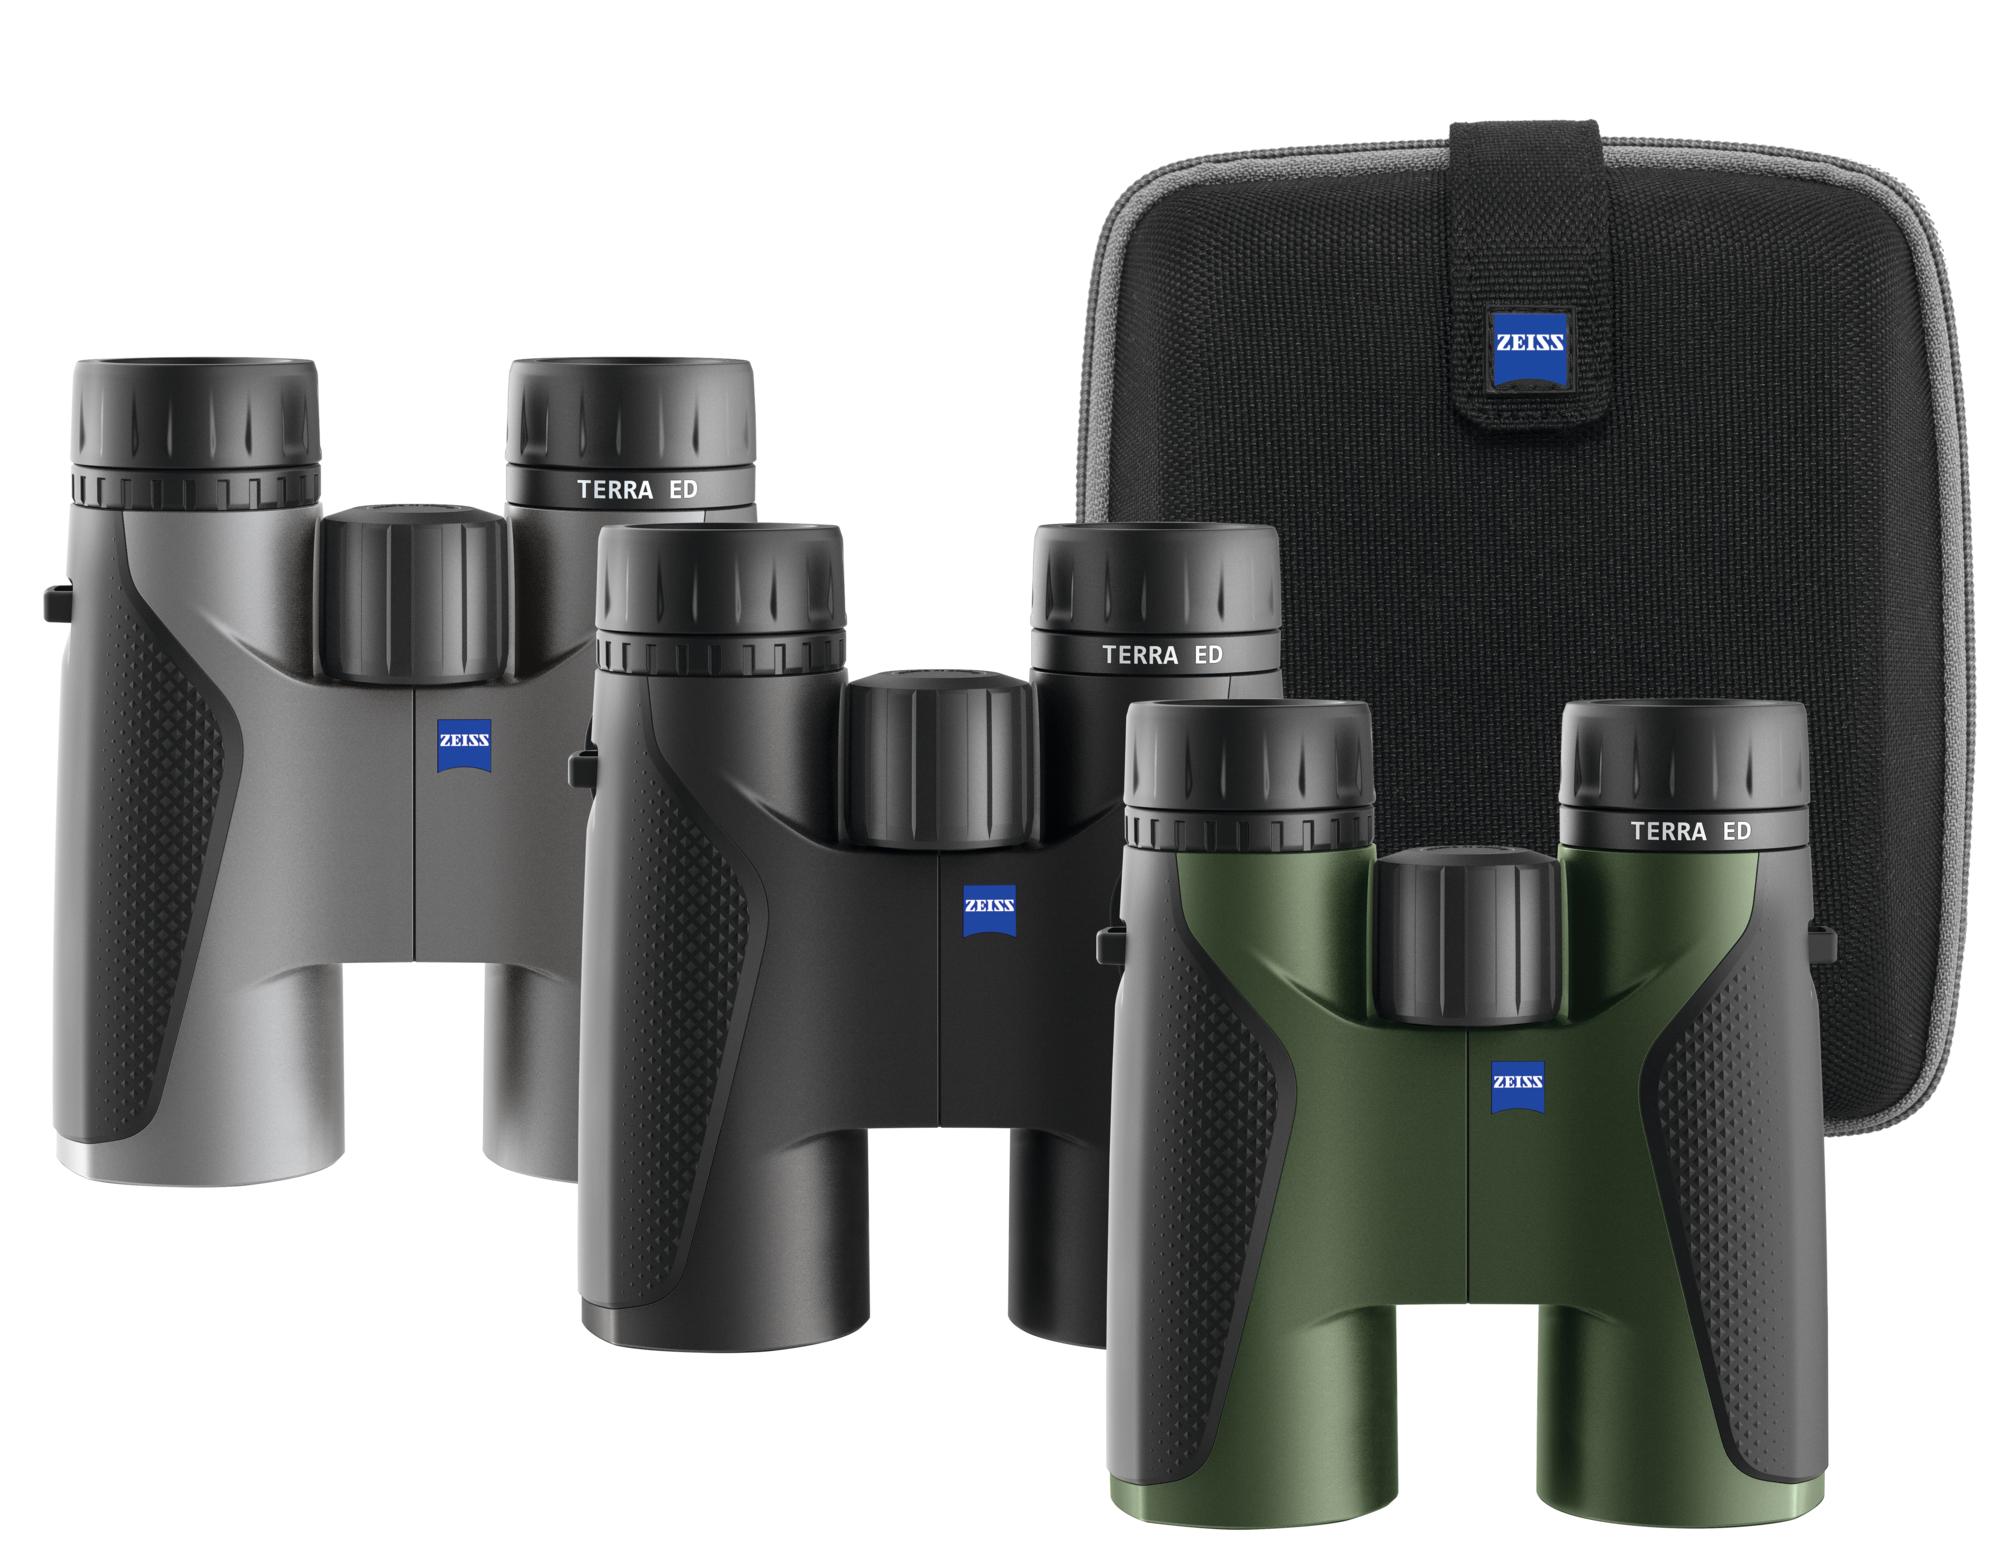 Zeiss Laser Entfernungsmesser : Zeiss livingactive jagd shop alles für die